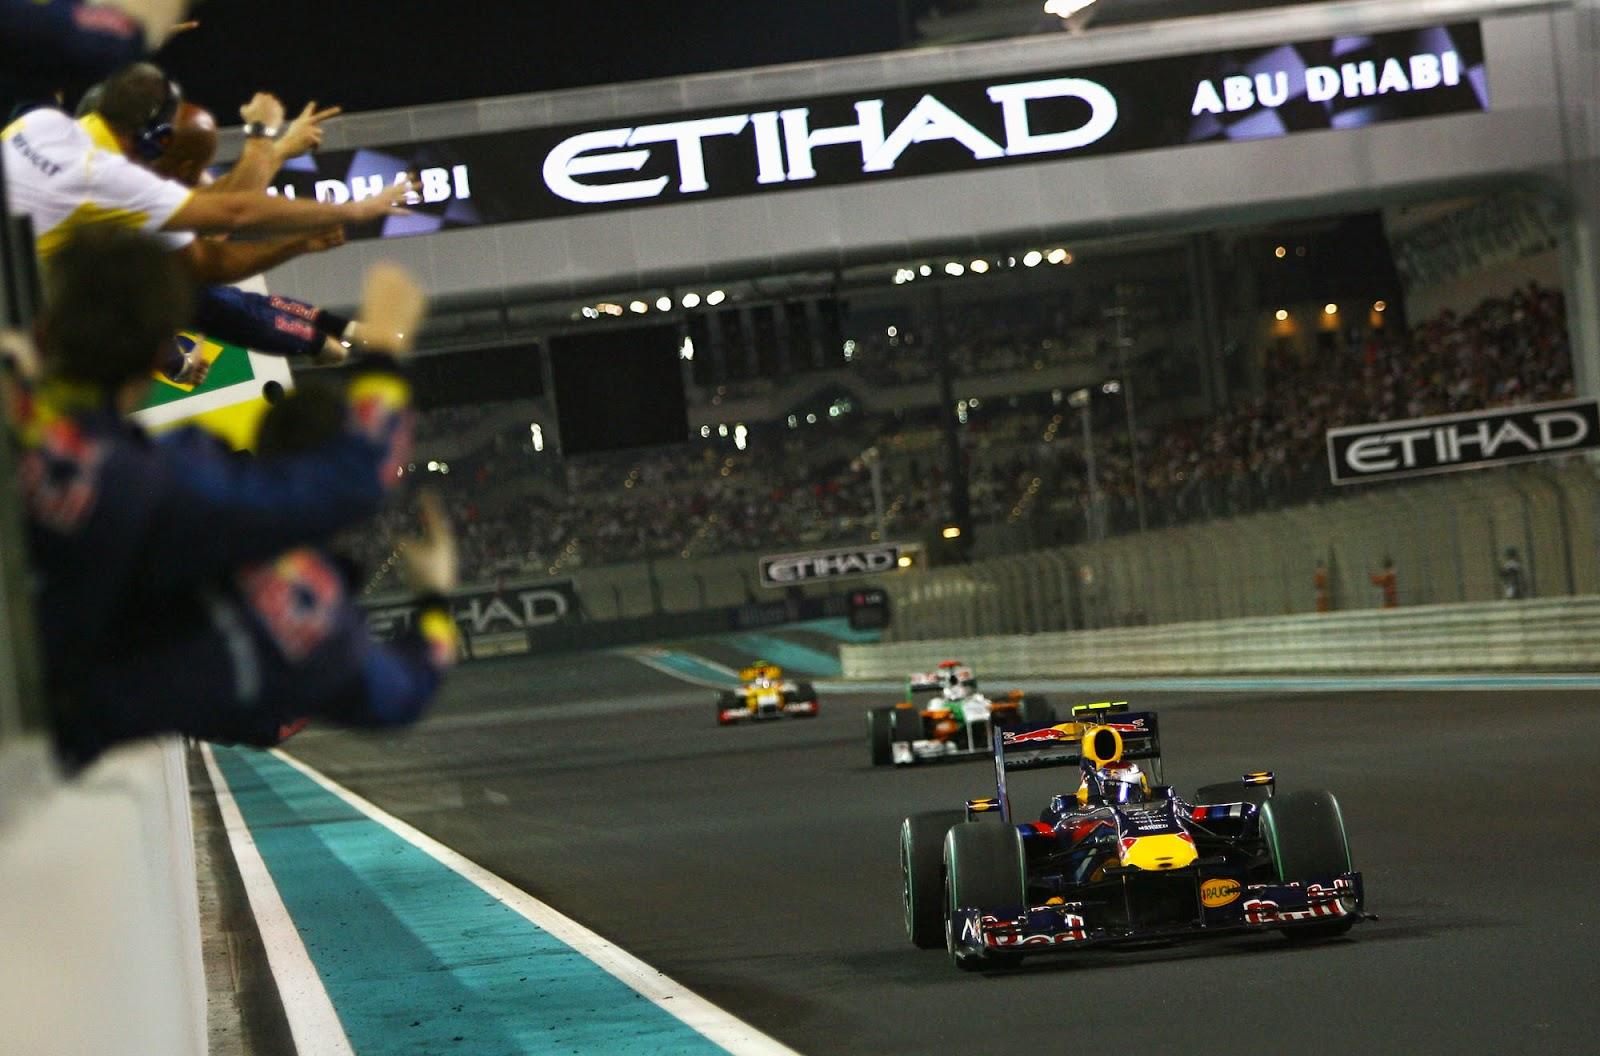 Στον ΟΤΕ TV το φινάλε της Formula1 με τους Χάμιλτον και Ρόζεμπεργκ να διεκδικούν τον παγκόσμιο τίτλο